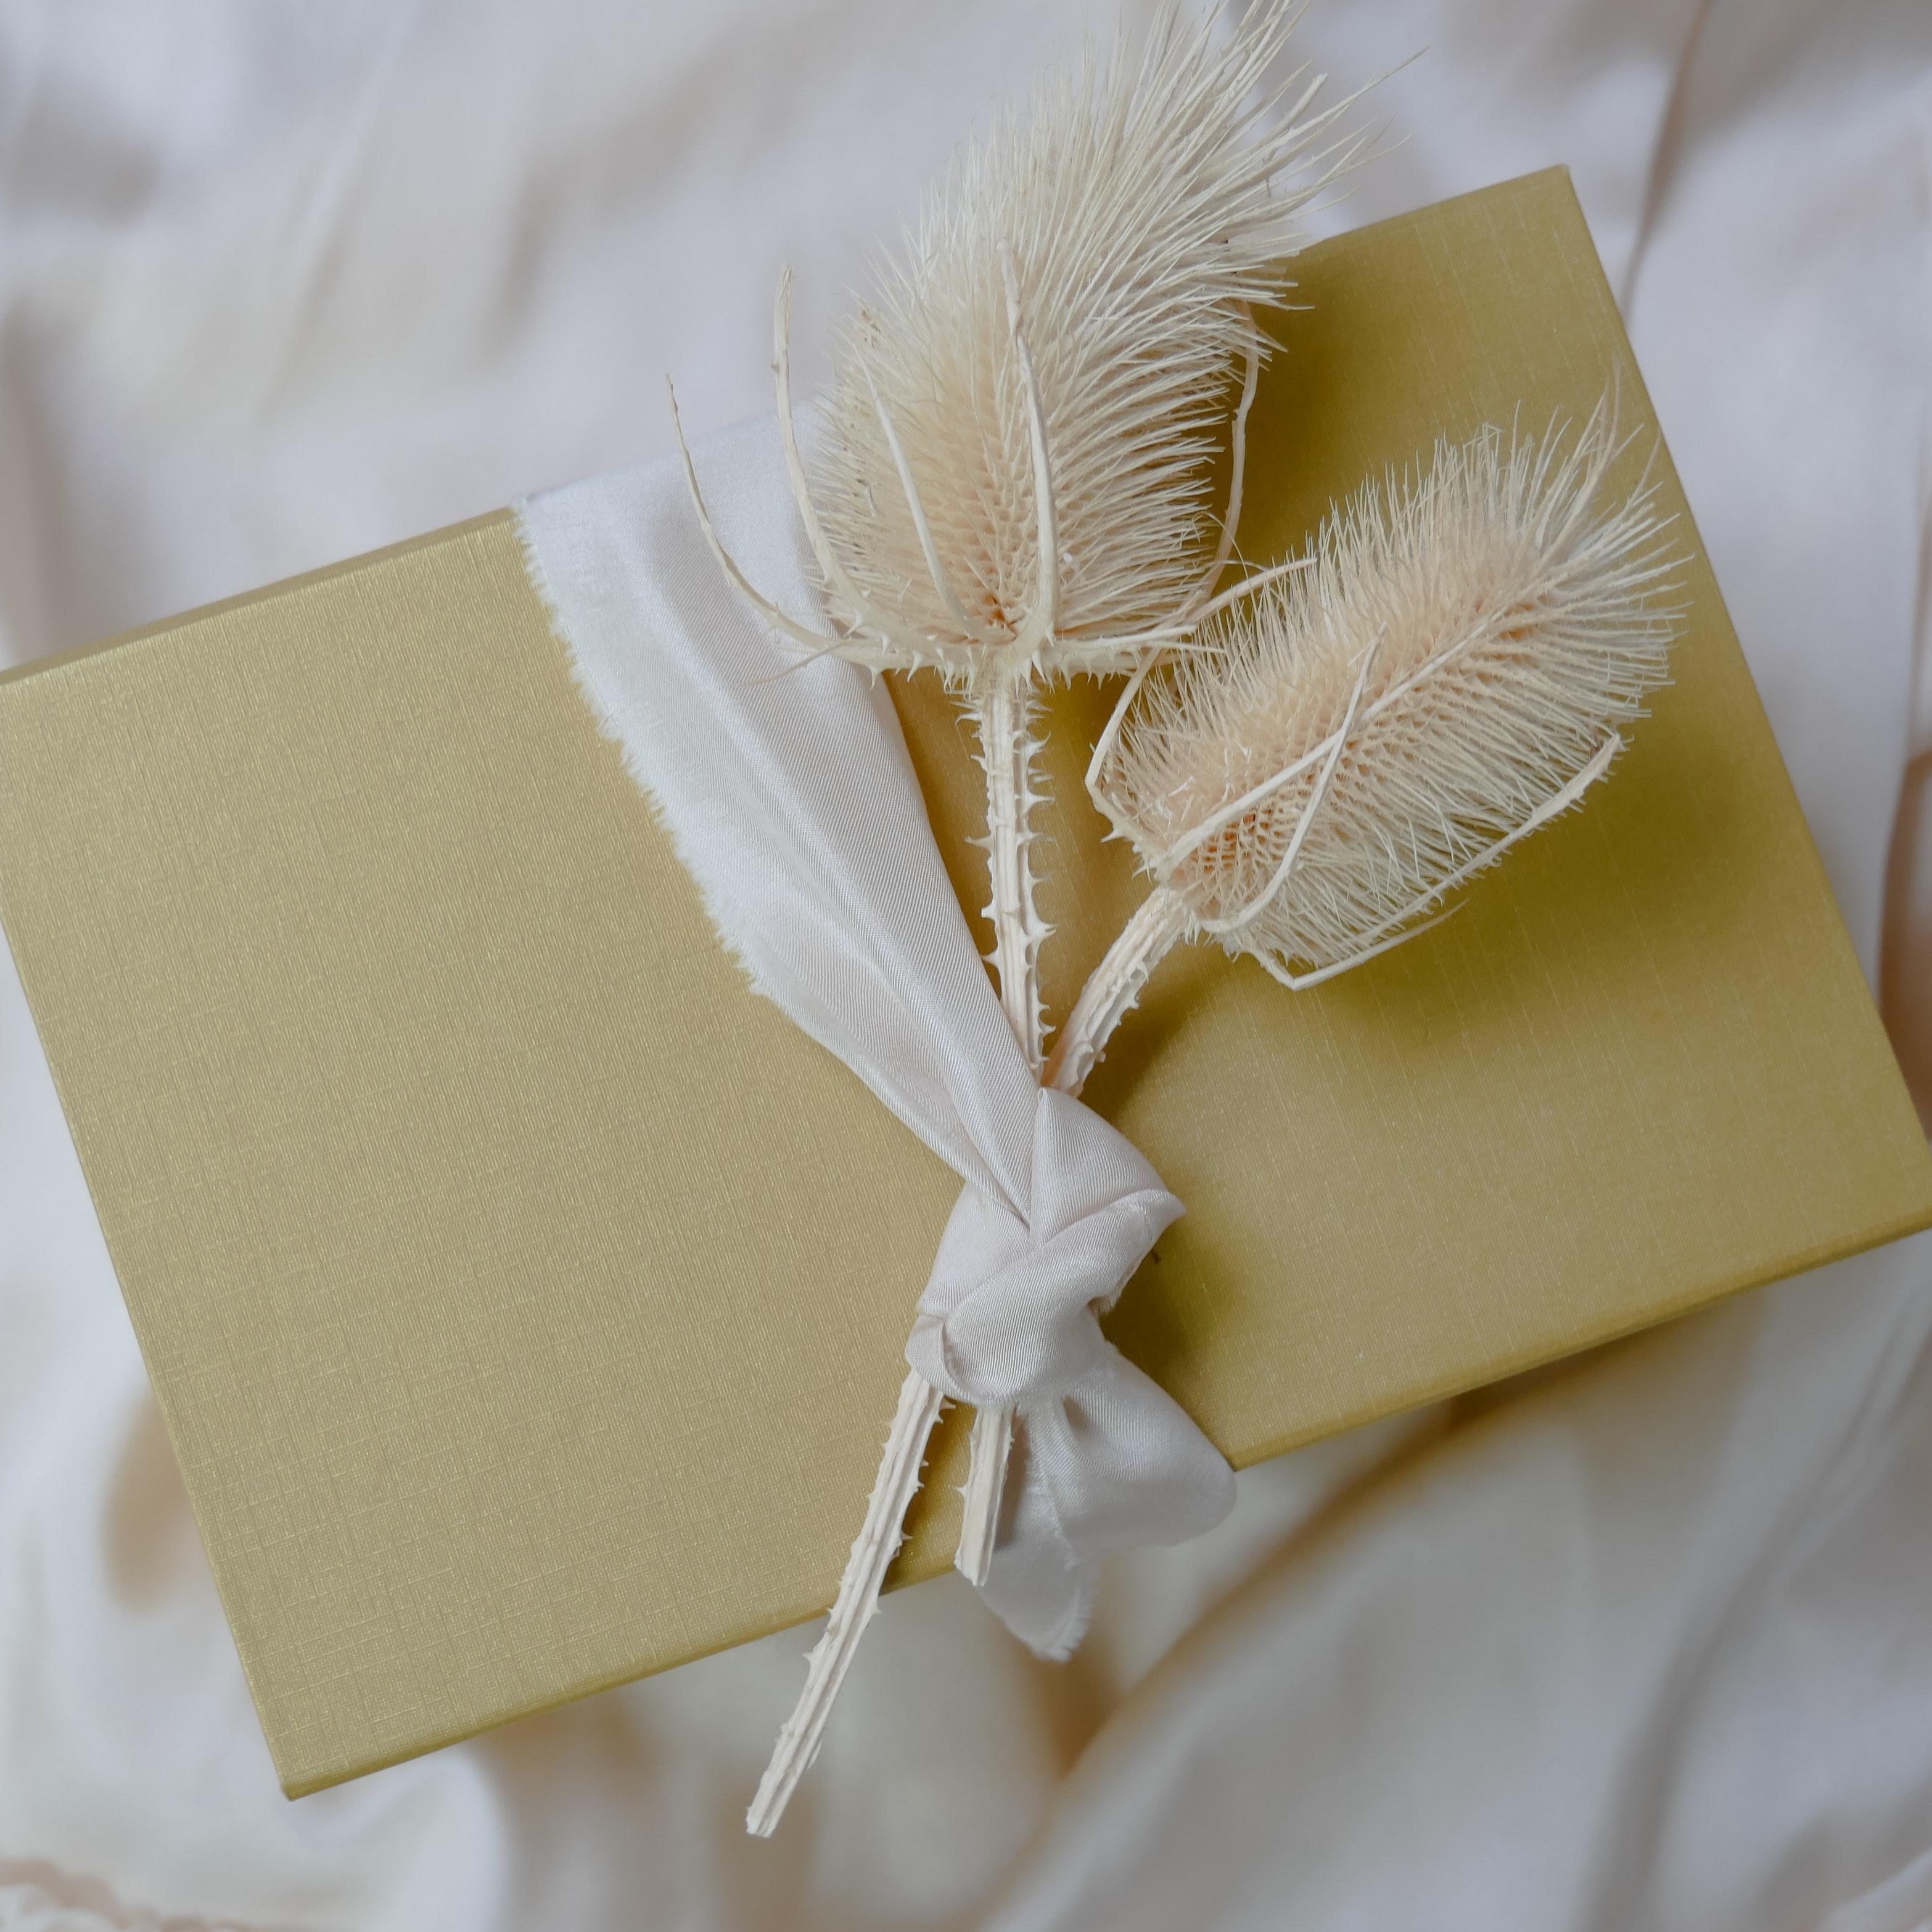 Sagen partner geschenk danke Danke Geschenk: